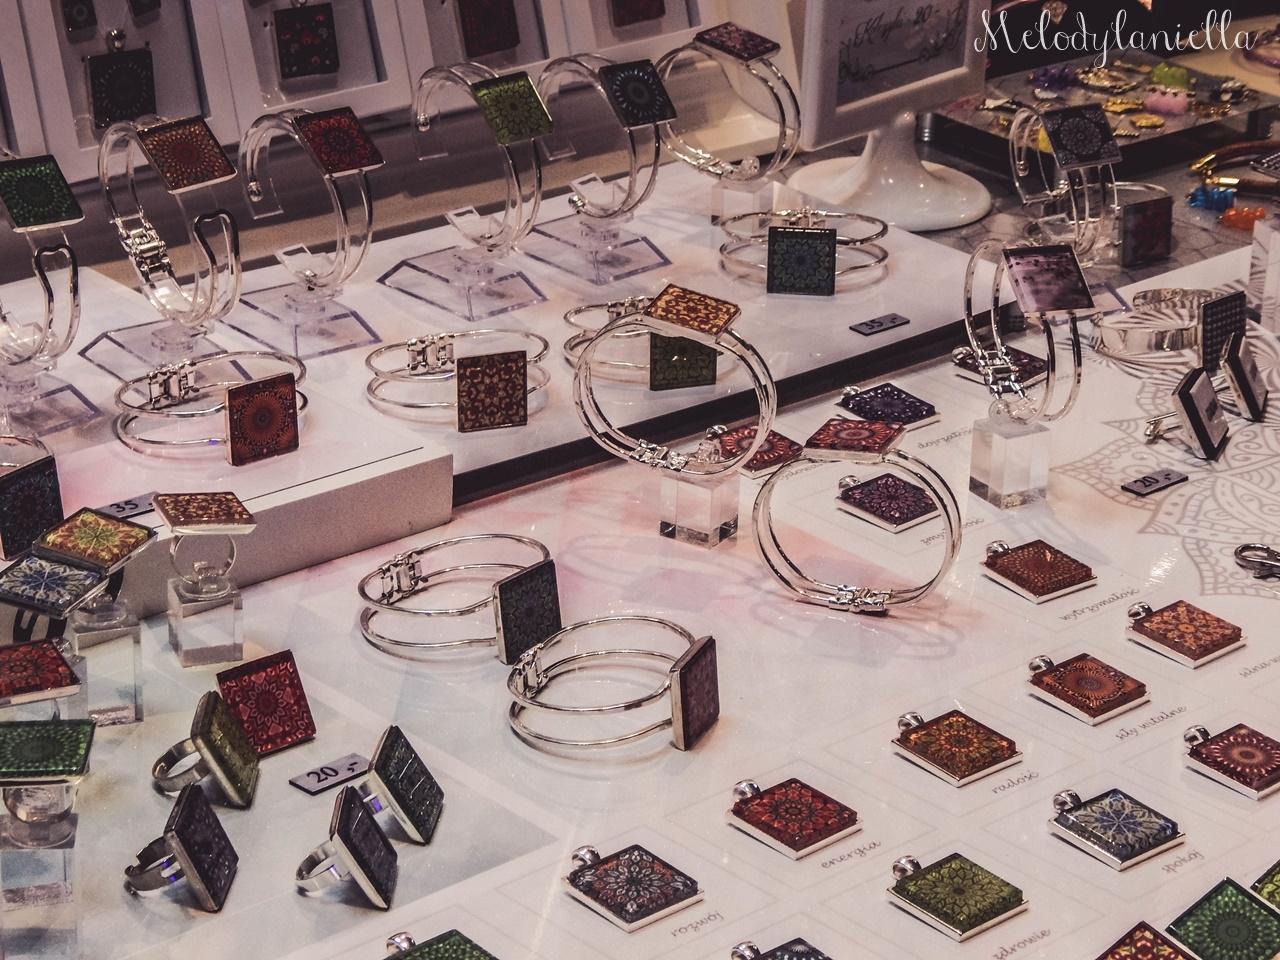 13 nietypowy jarmark świąteczny piotrkowska 217 co dzieje się w łodzi dwukropek ogrody zofii bożonarodzeniowy jarmark targ świąteczny świat z lukru pierniki świąteczne łódź biżuteria handmade piando zigner